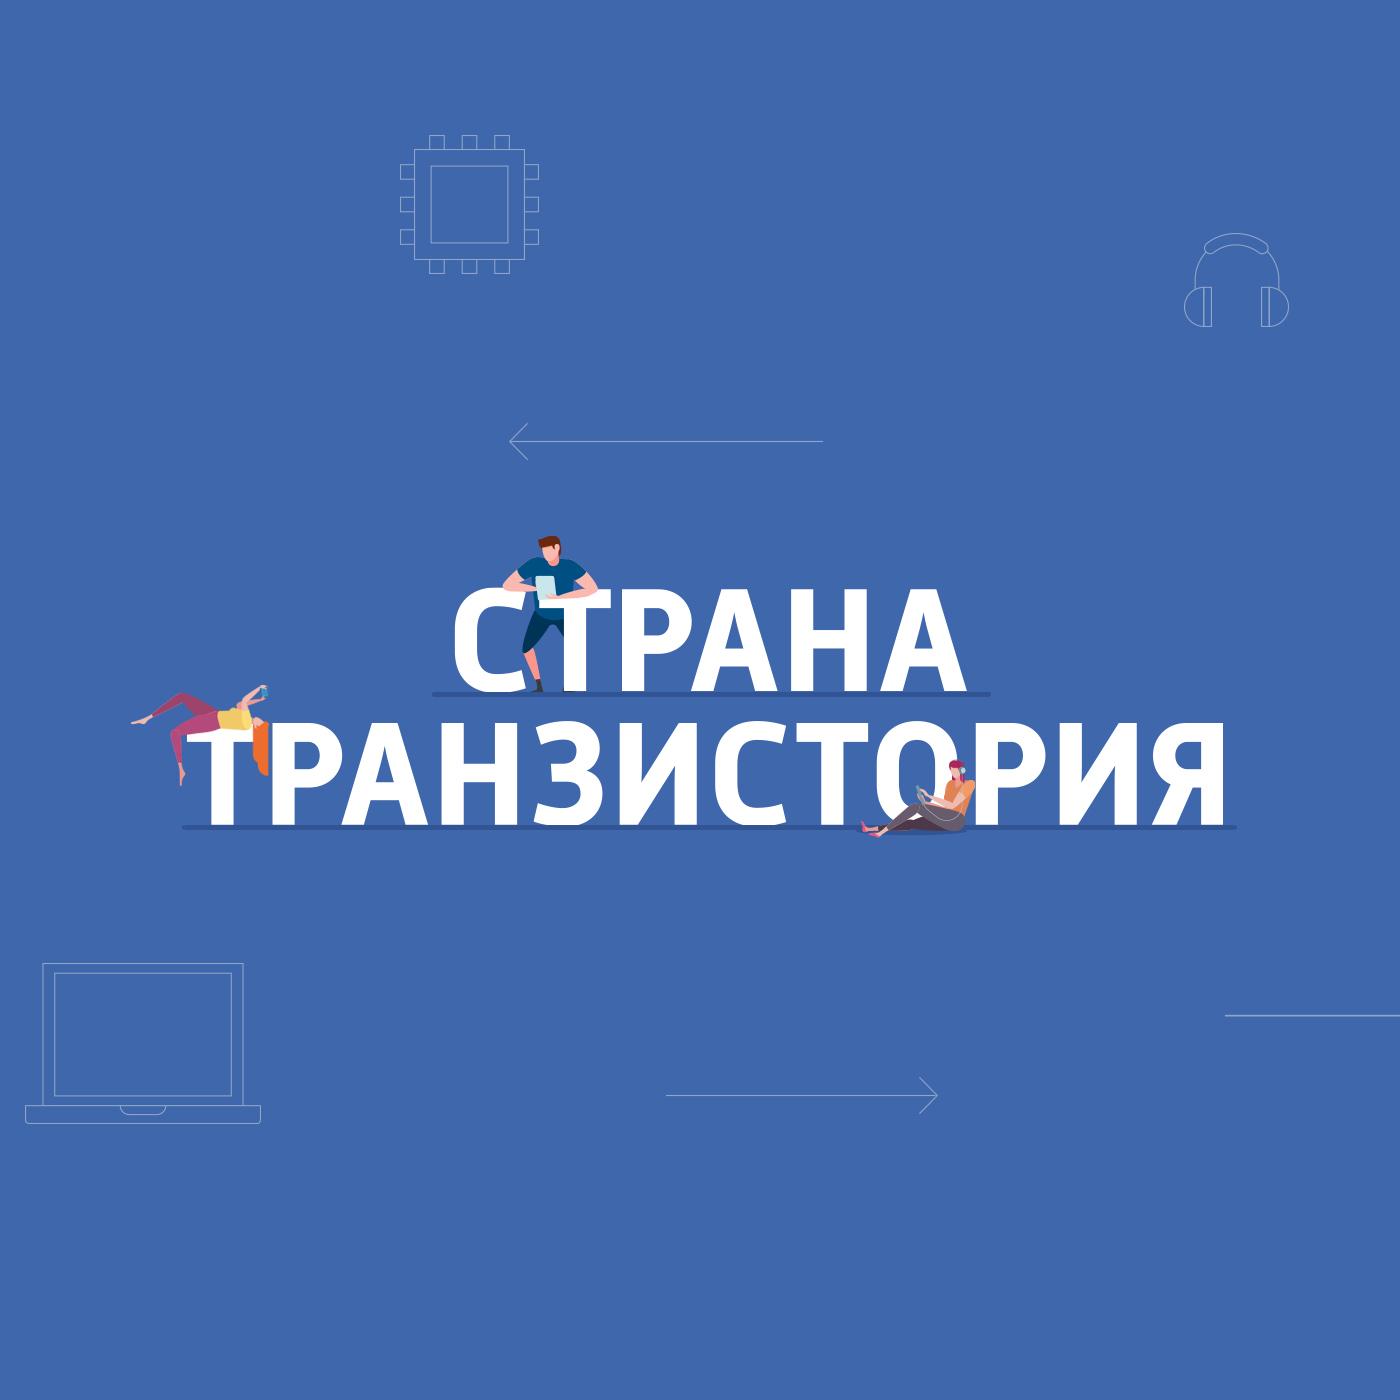 Картаев Павел «ВКонтакте» запустили сервис для знакомств «Ловина» картаев павел honor v8 motorola представит новые смартфоны яндекс научился ходить приложения whatsapp для пк periscope анонсировал новых функции